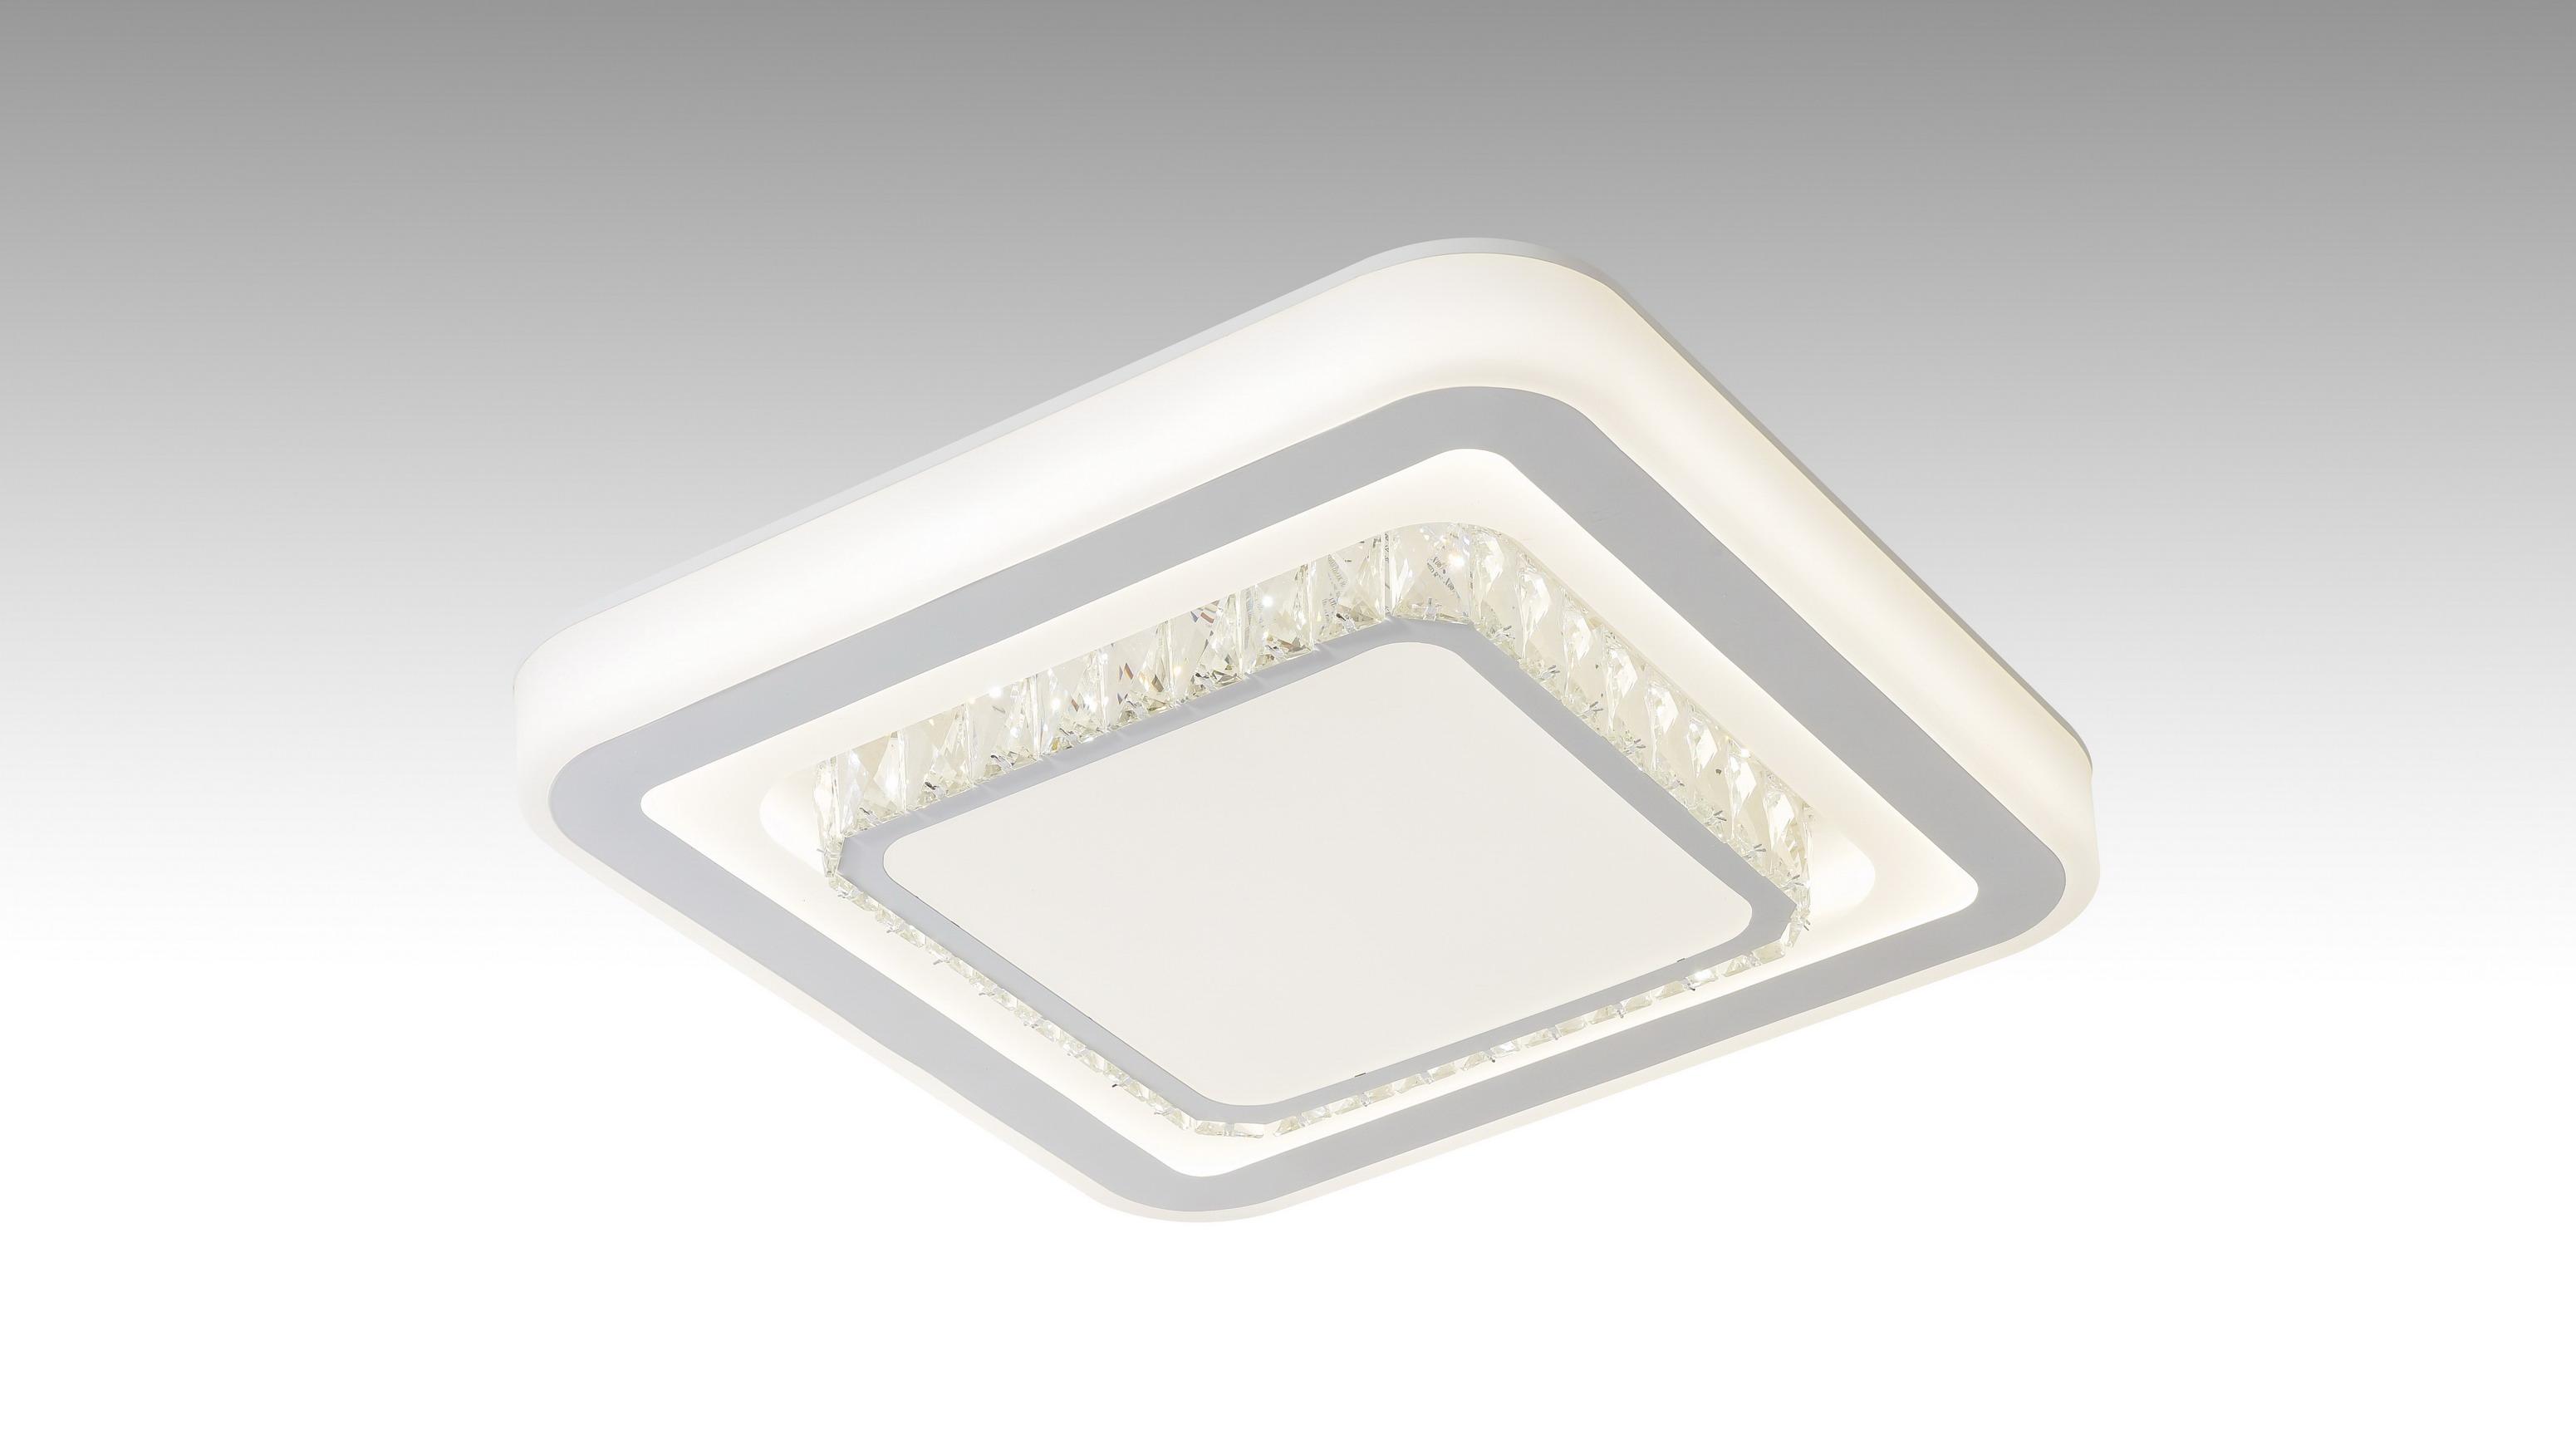 LED ceiling lamp, modern LED Giga lighting